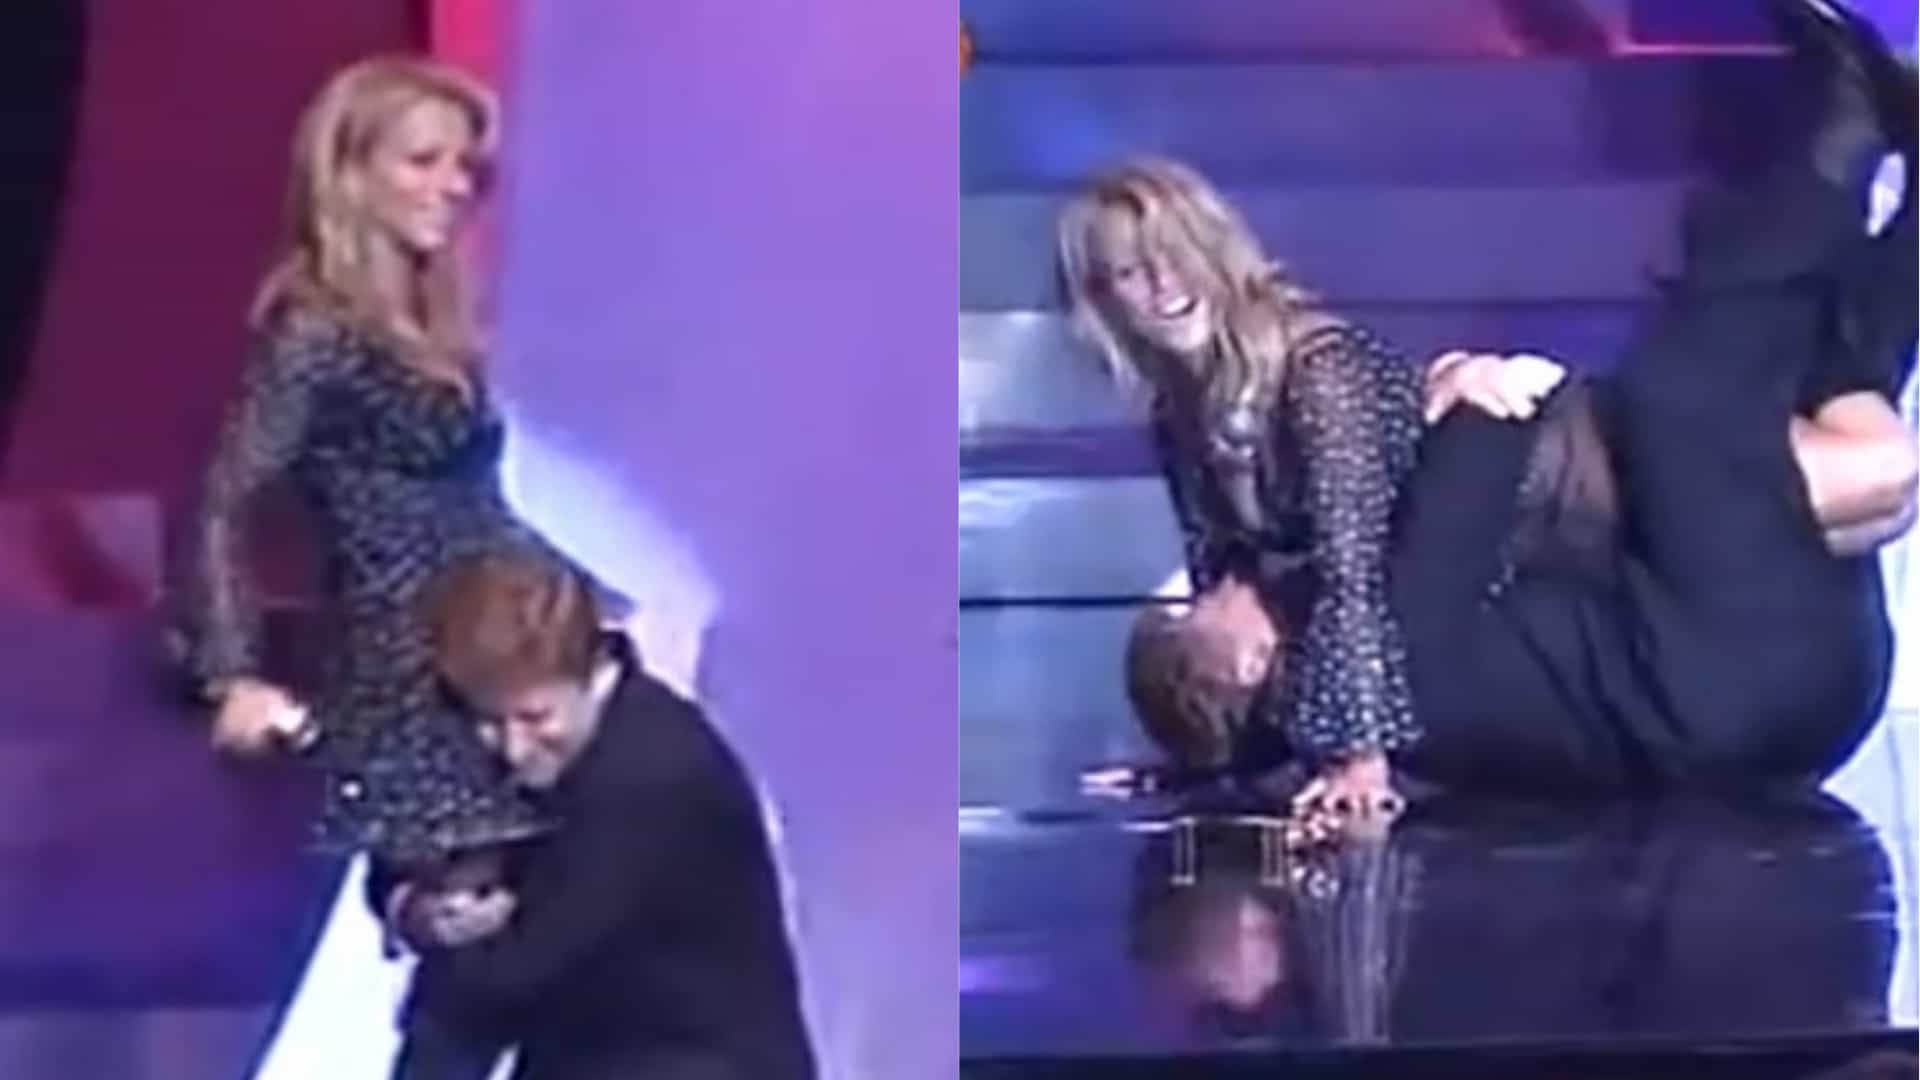 Herman recorda momento hilariante com Alexandra Lencastre nos Globos